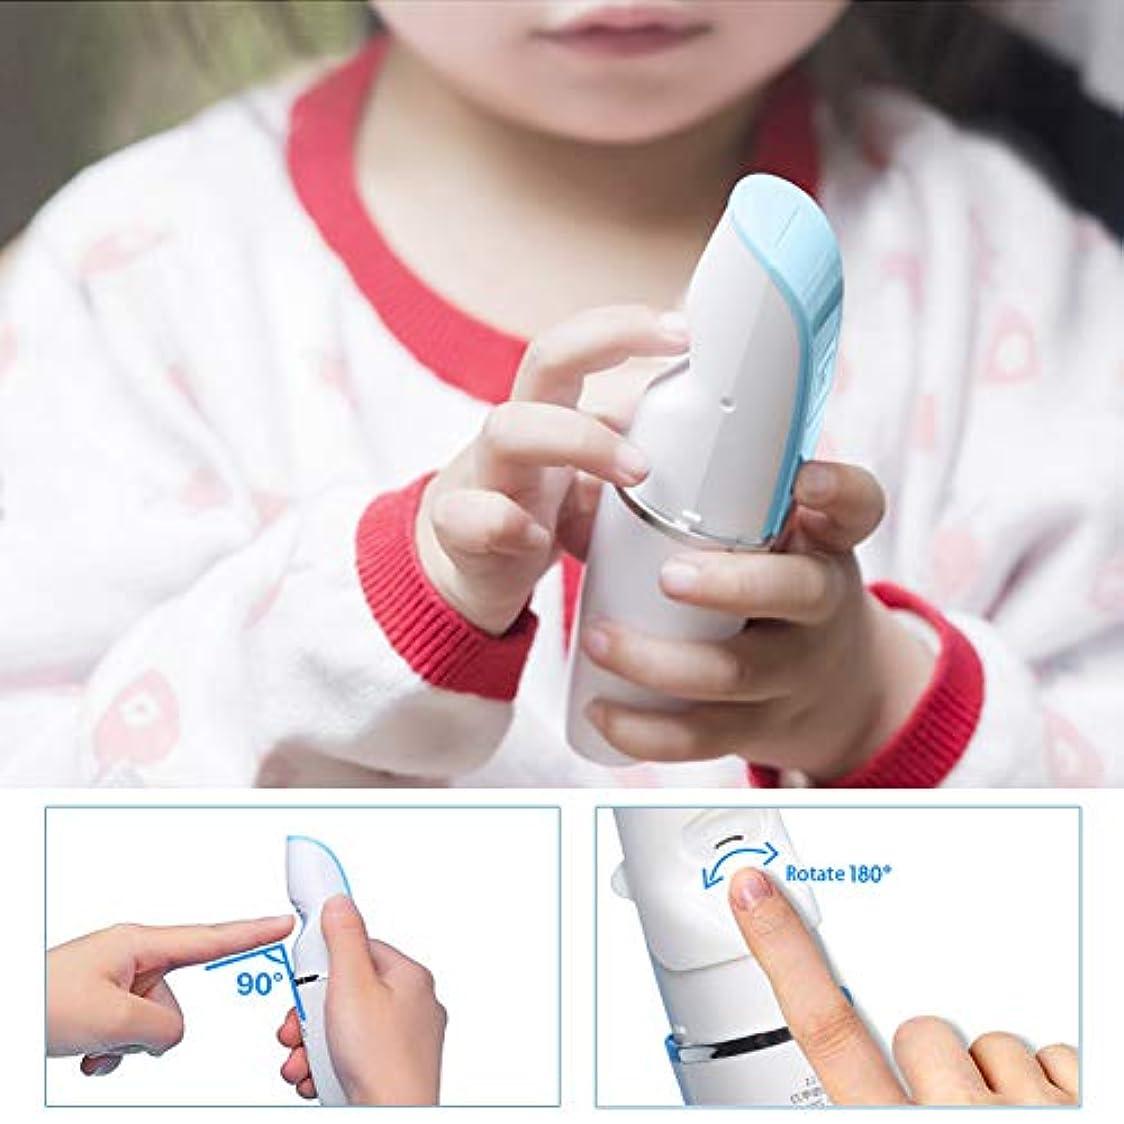 市の花克服する然とした【出産祝い】 超人気ベビー用ネイルトリマー USB充電式 かわいい 超静音 簡単安全 新生児最適